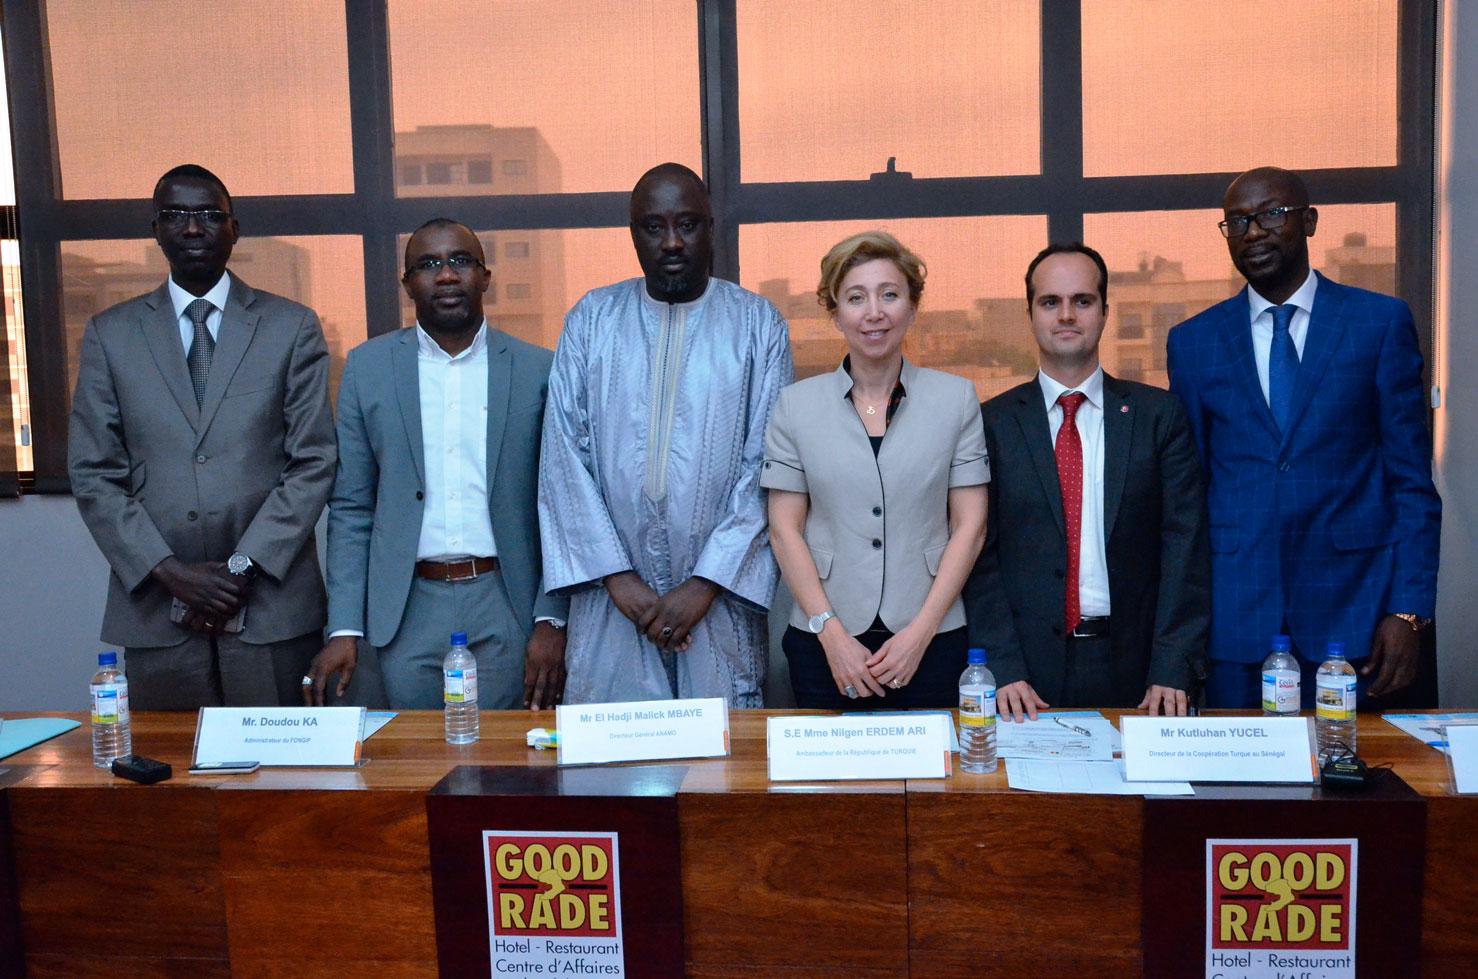 Images de la conférence de presse de Maodo Malick M'baye, Directeur général de l'Agence nationale de la maison de l'outil (ANAMO)